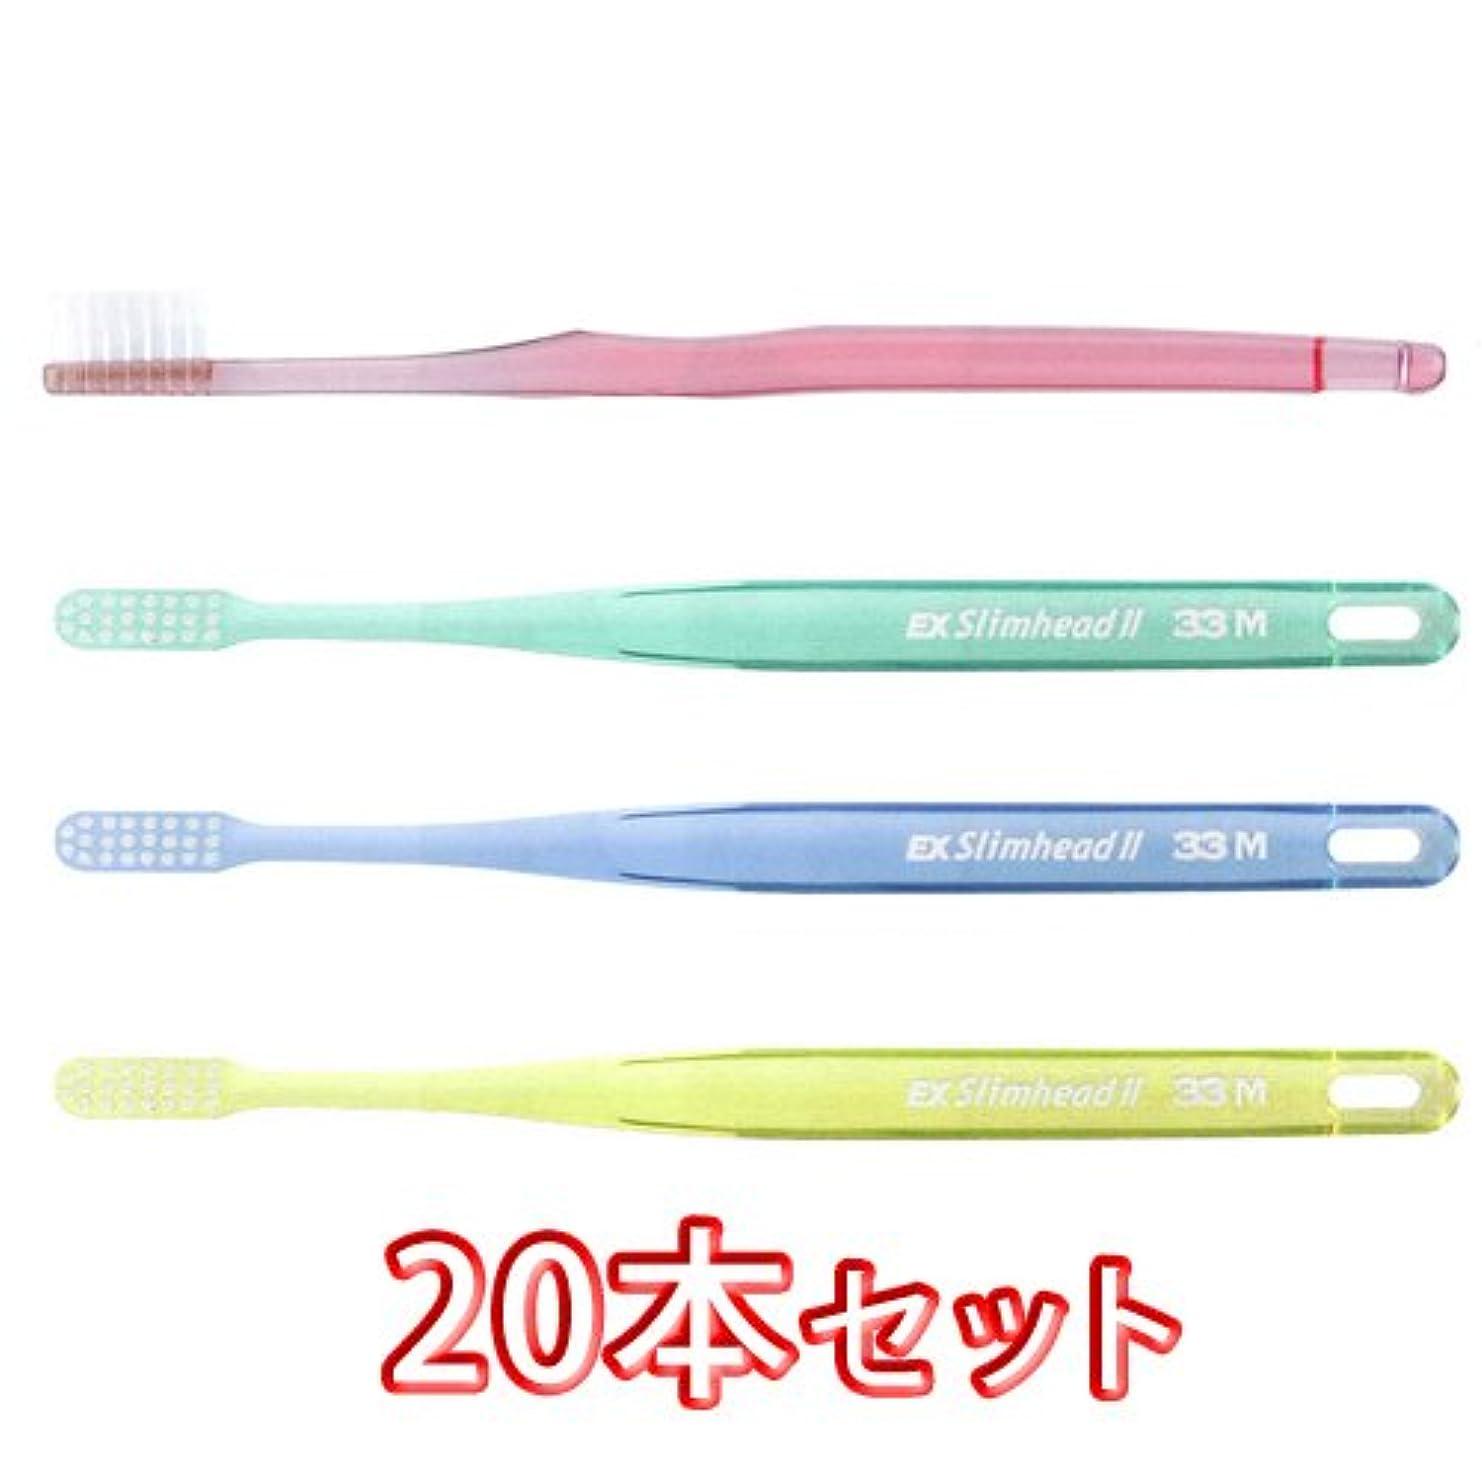 花火ロープ批判的ライオン スリムヘッド2 歯ブラシ DENT . EX Slimhead2 20本入 (33M)